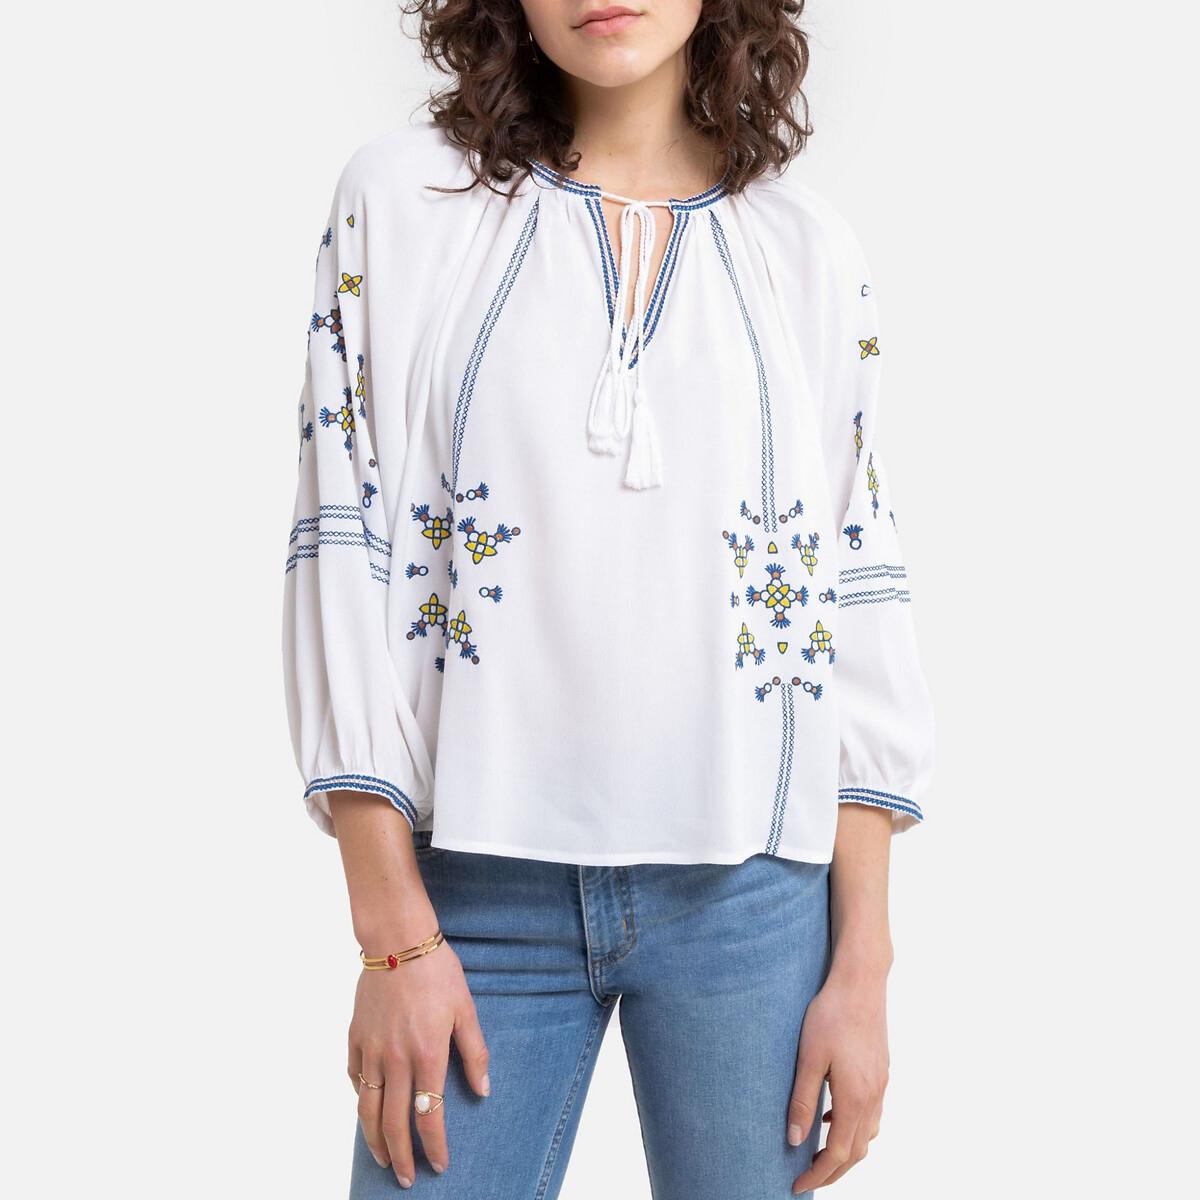 Blusa bordada, decote tunisino, borlas